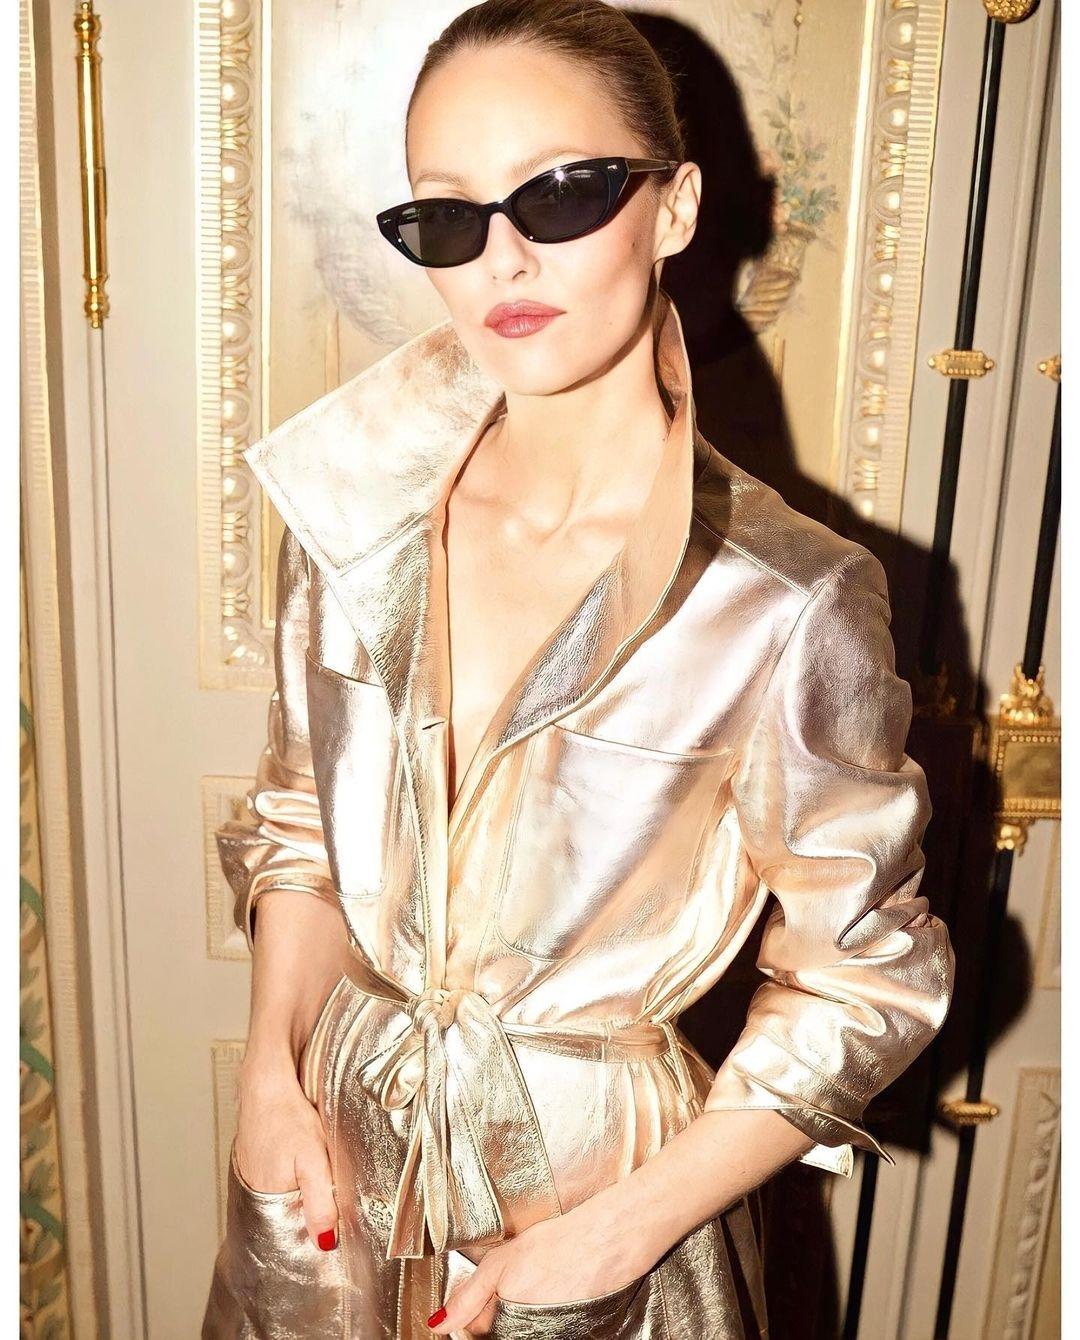 Ванесса Паради снялась в эффектной фотосессии для глянца (ФОТО) - фото №3